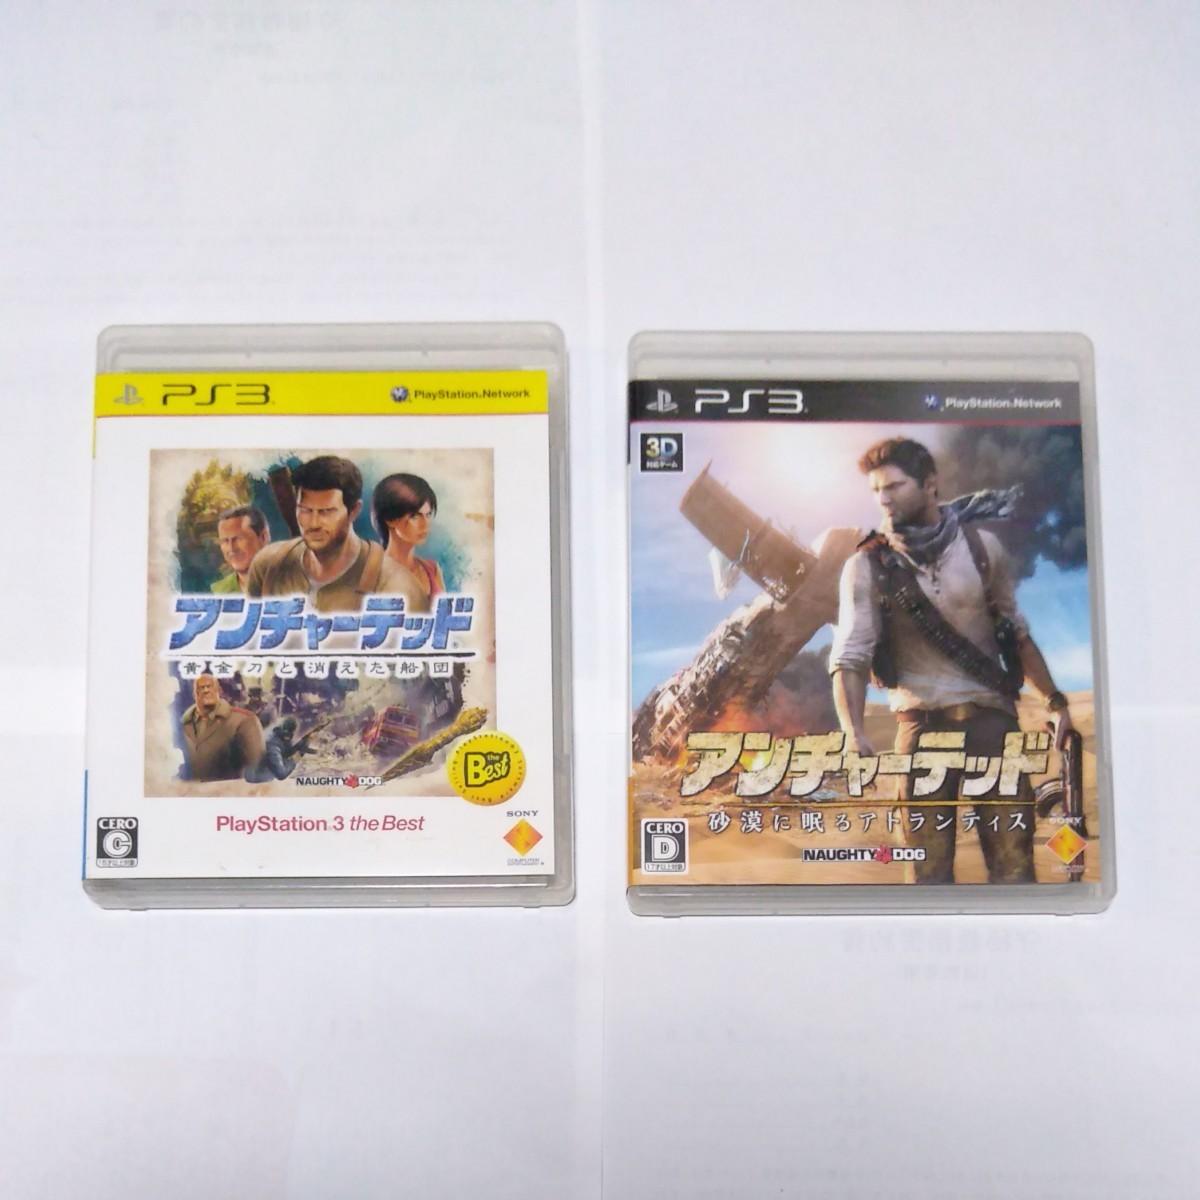 アンチャーテッド  PS3ソフト 黄金刀と消えた船団 ・ 砂漠に眠るアトランティス